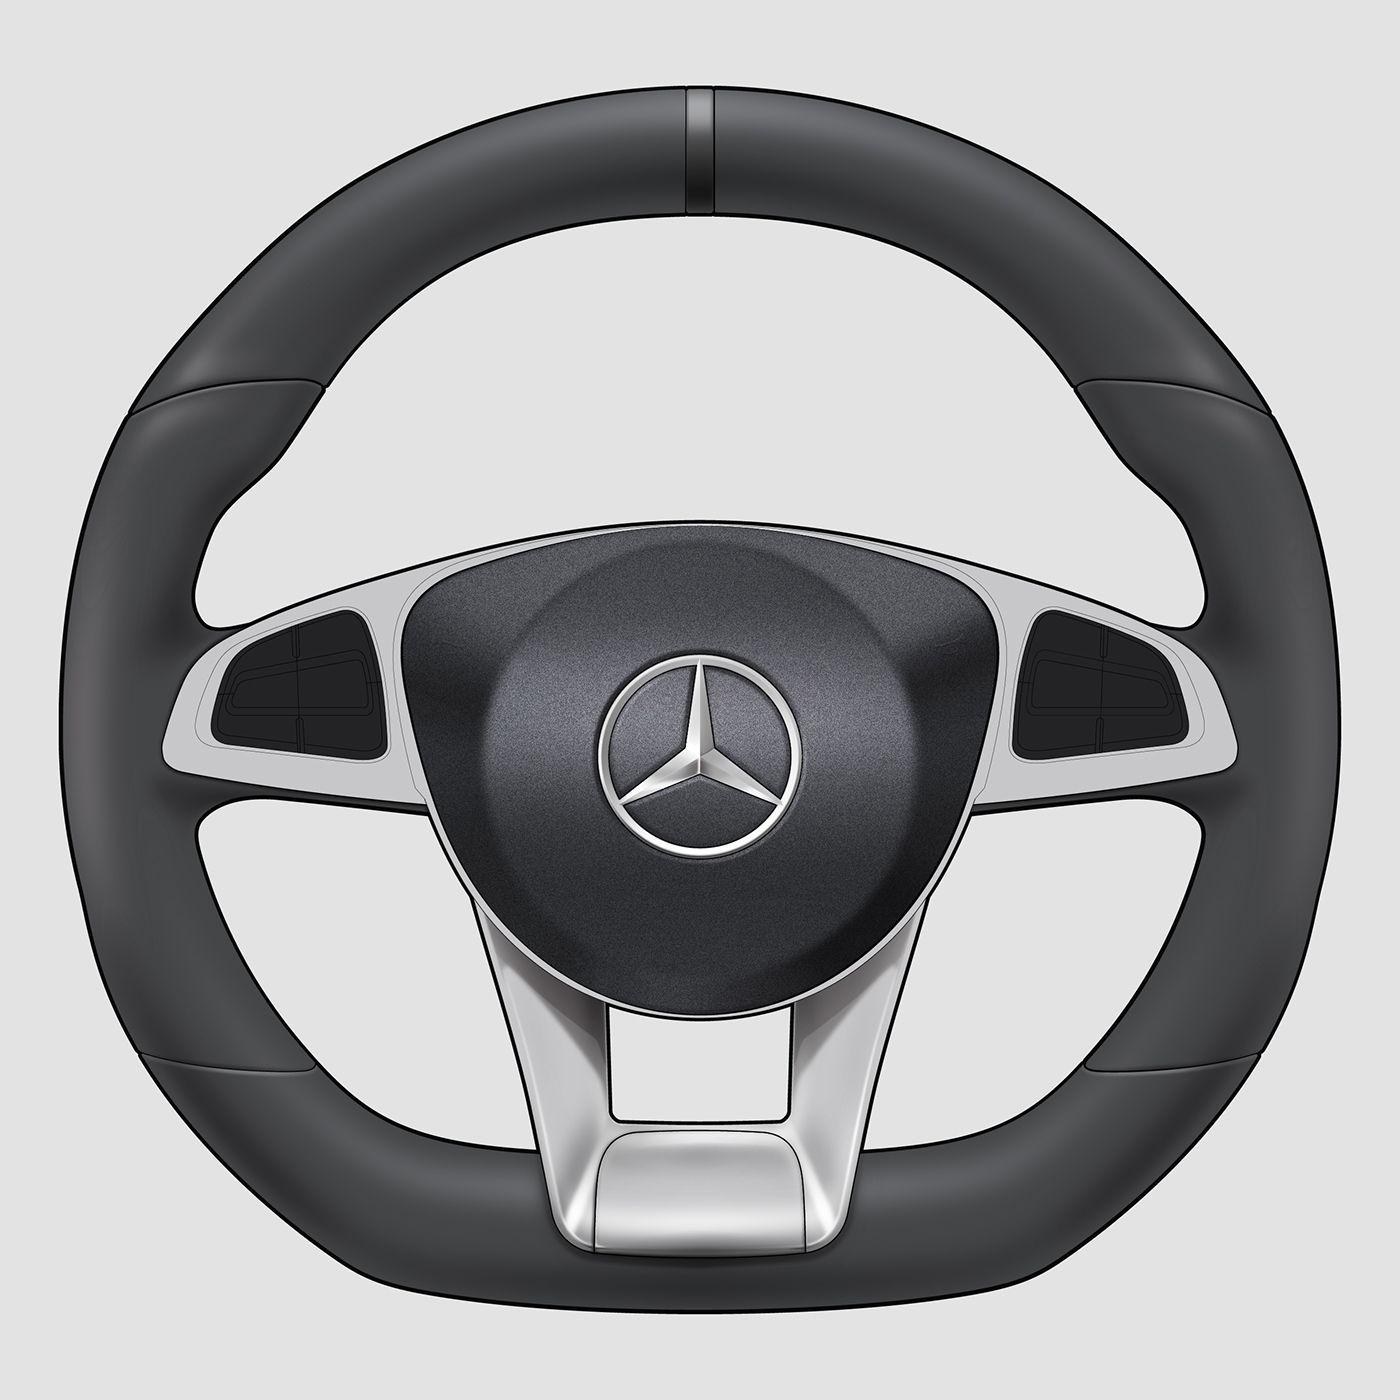 Steering wheel rendering tutorial on Behance   Steering ... - photo#22